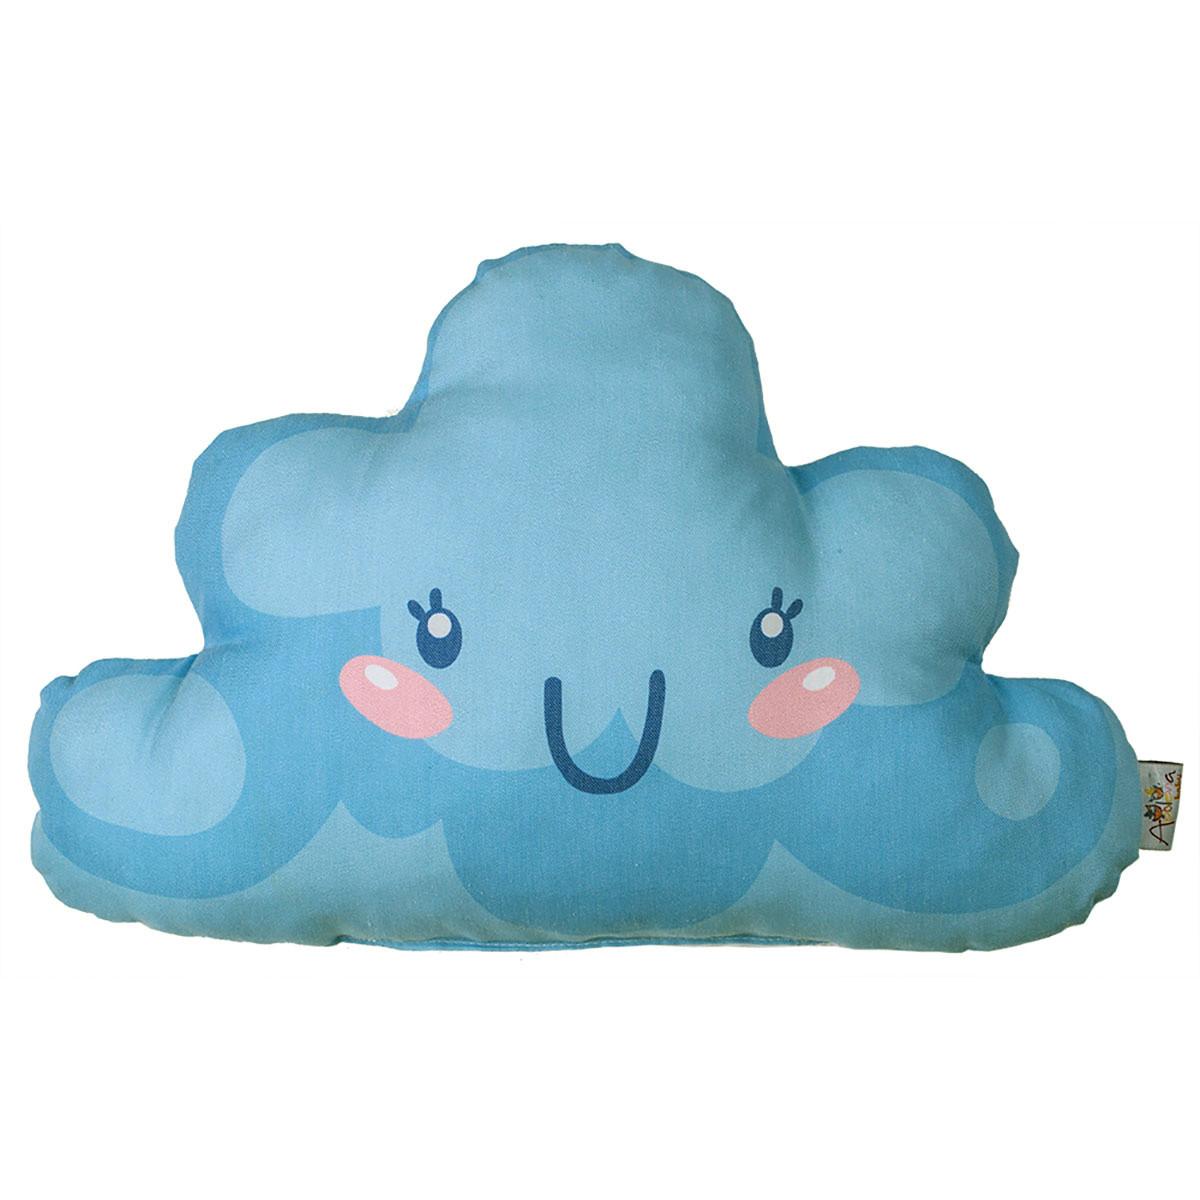 Διακοσμητικό Μαξιλάρι Apolena Σύννεφο Γαλάζιο